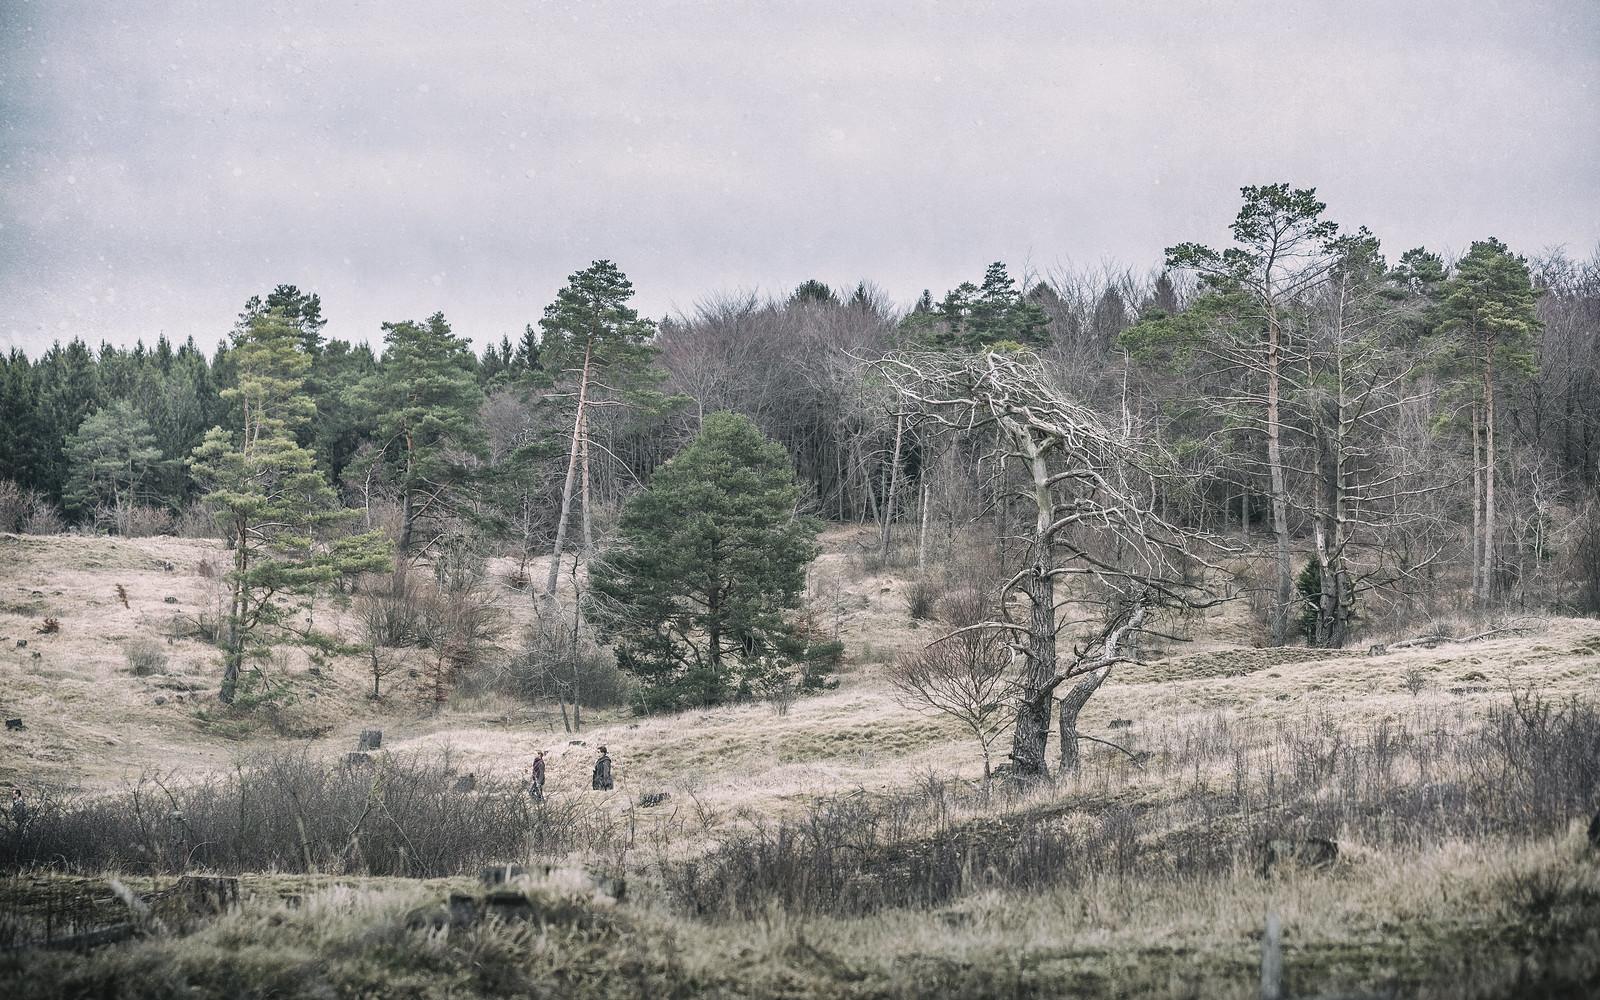 Eifellandschaft zwischen den Jahreszeiten | by glasseyes view